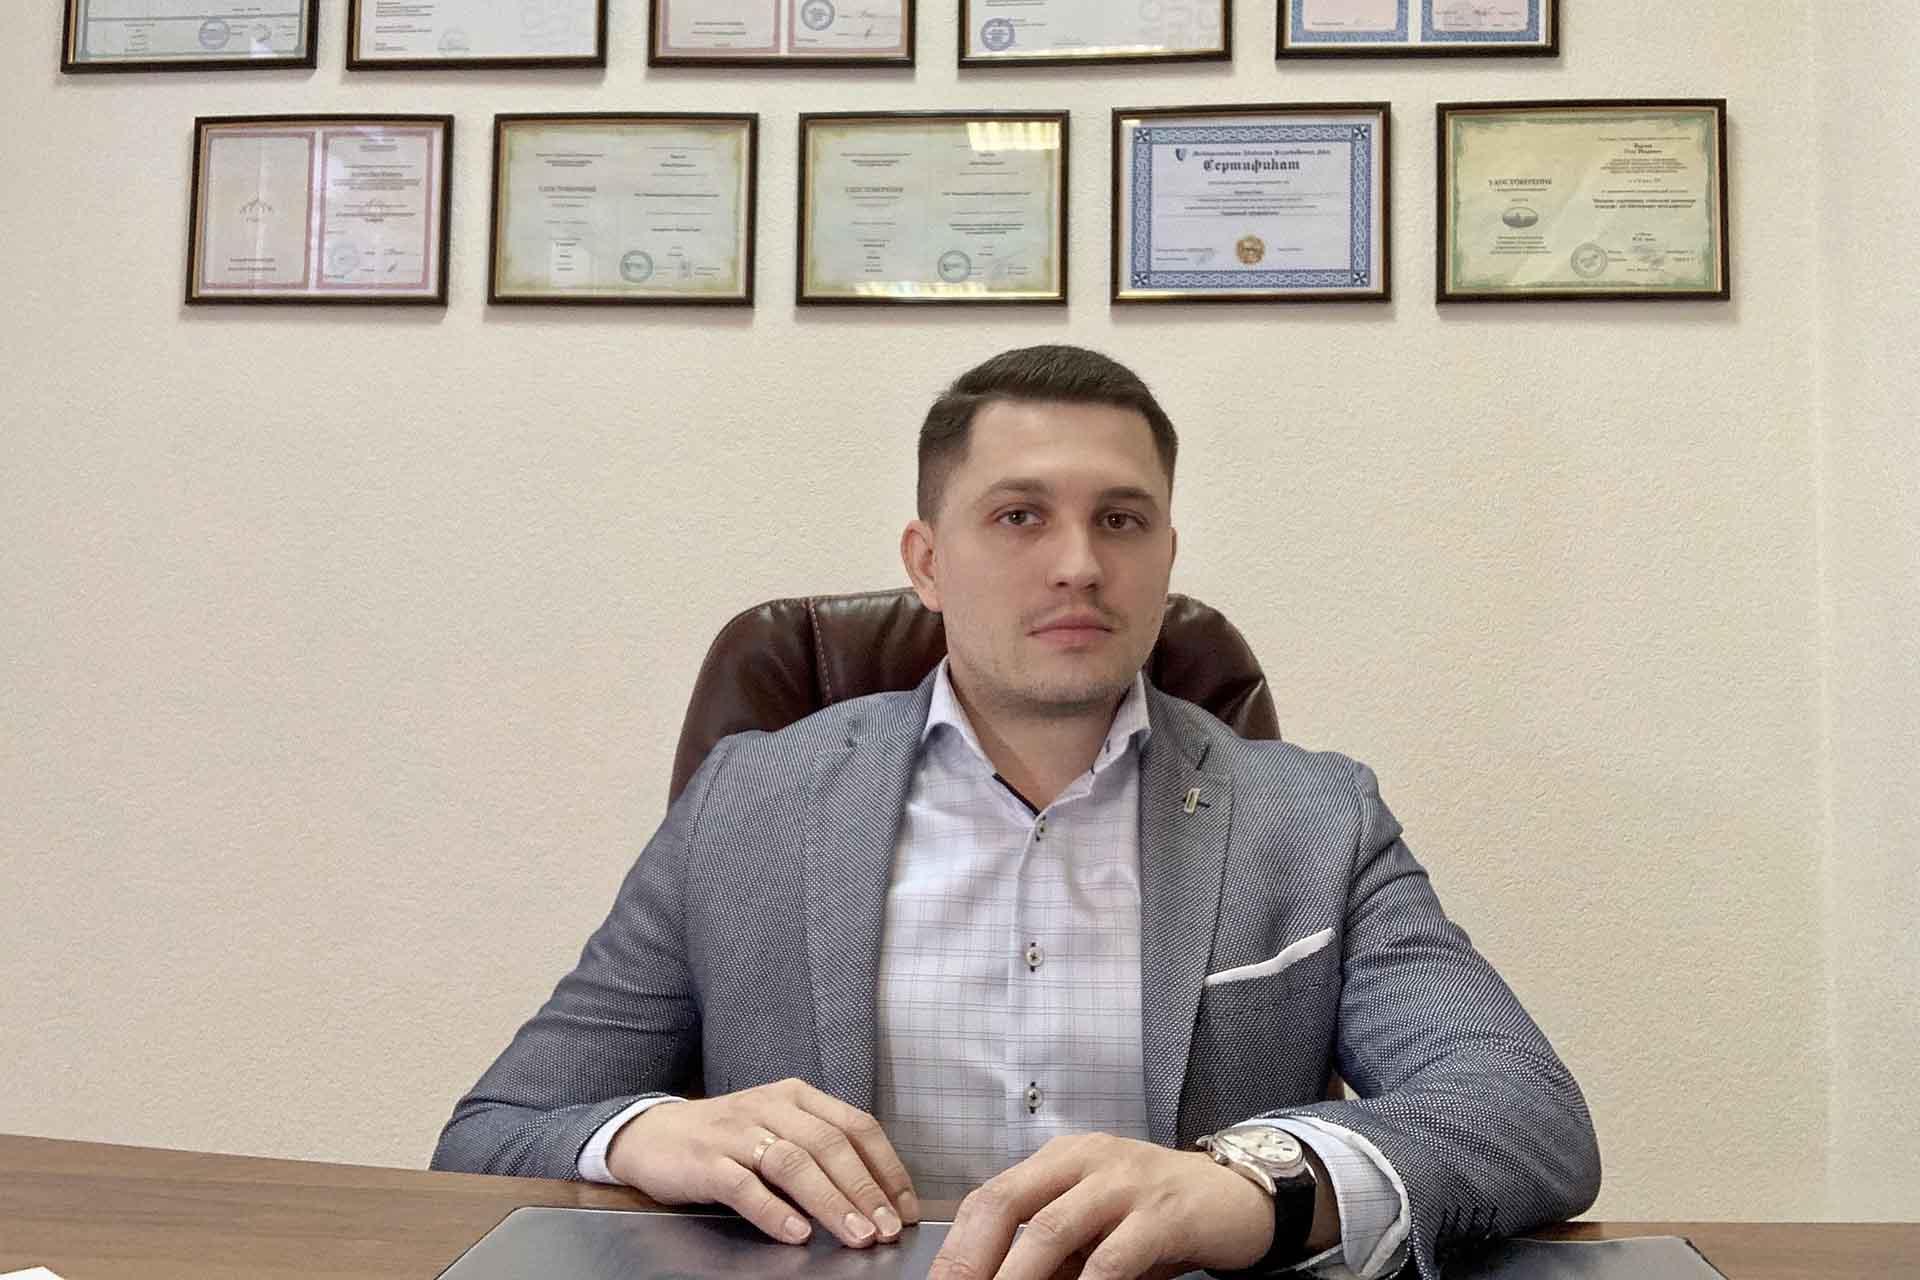 Олег Карпов - специалист по hr-безопасности, полиграфолог, профайлер, специалист по детекции лжи